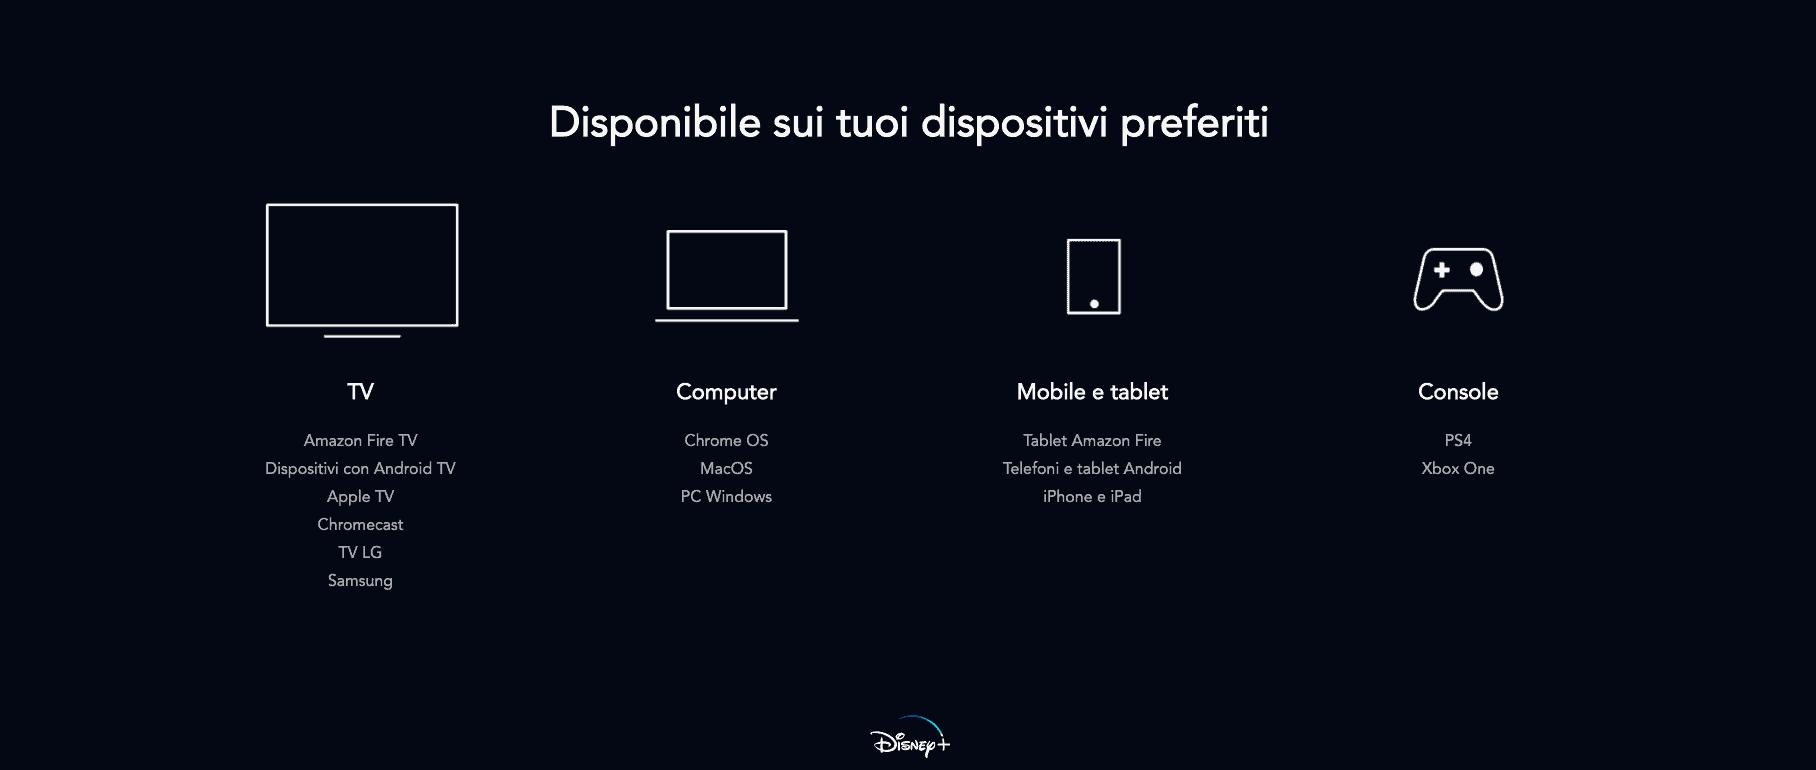 dispositivi compatibili con Disney+